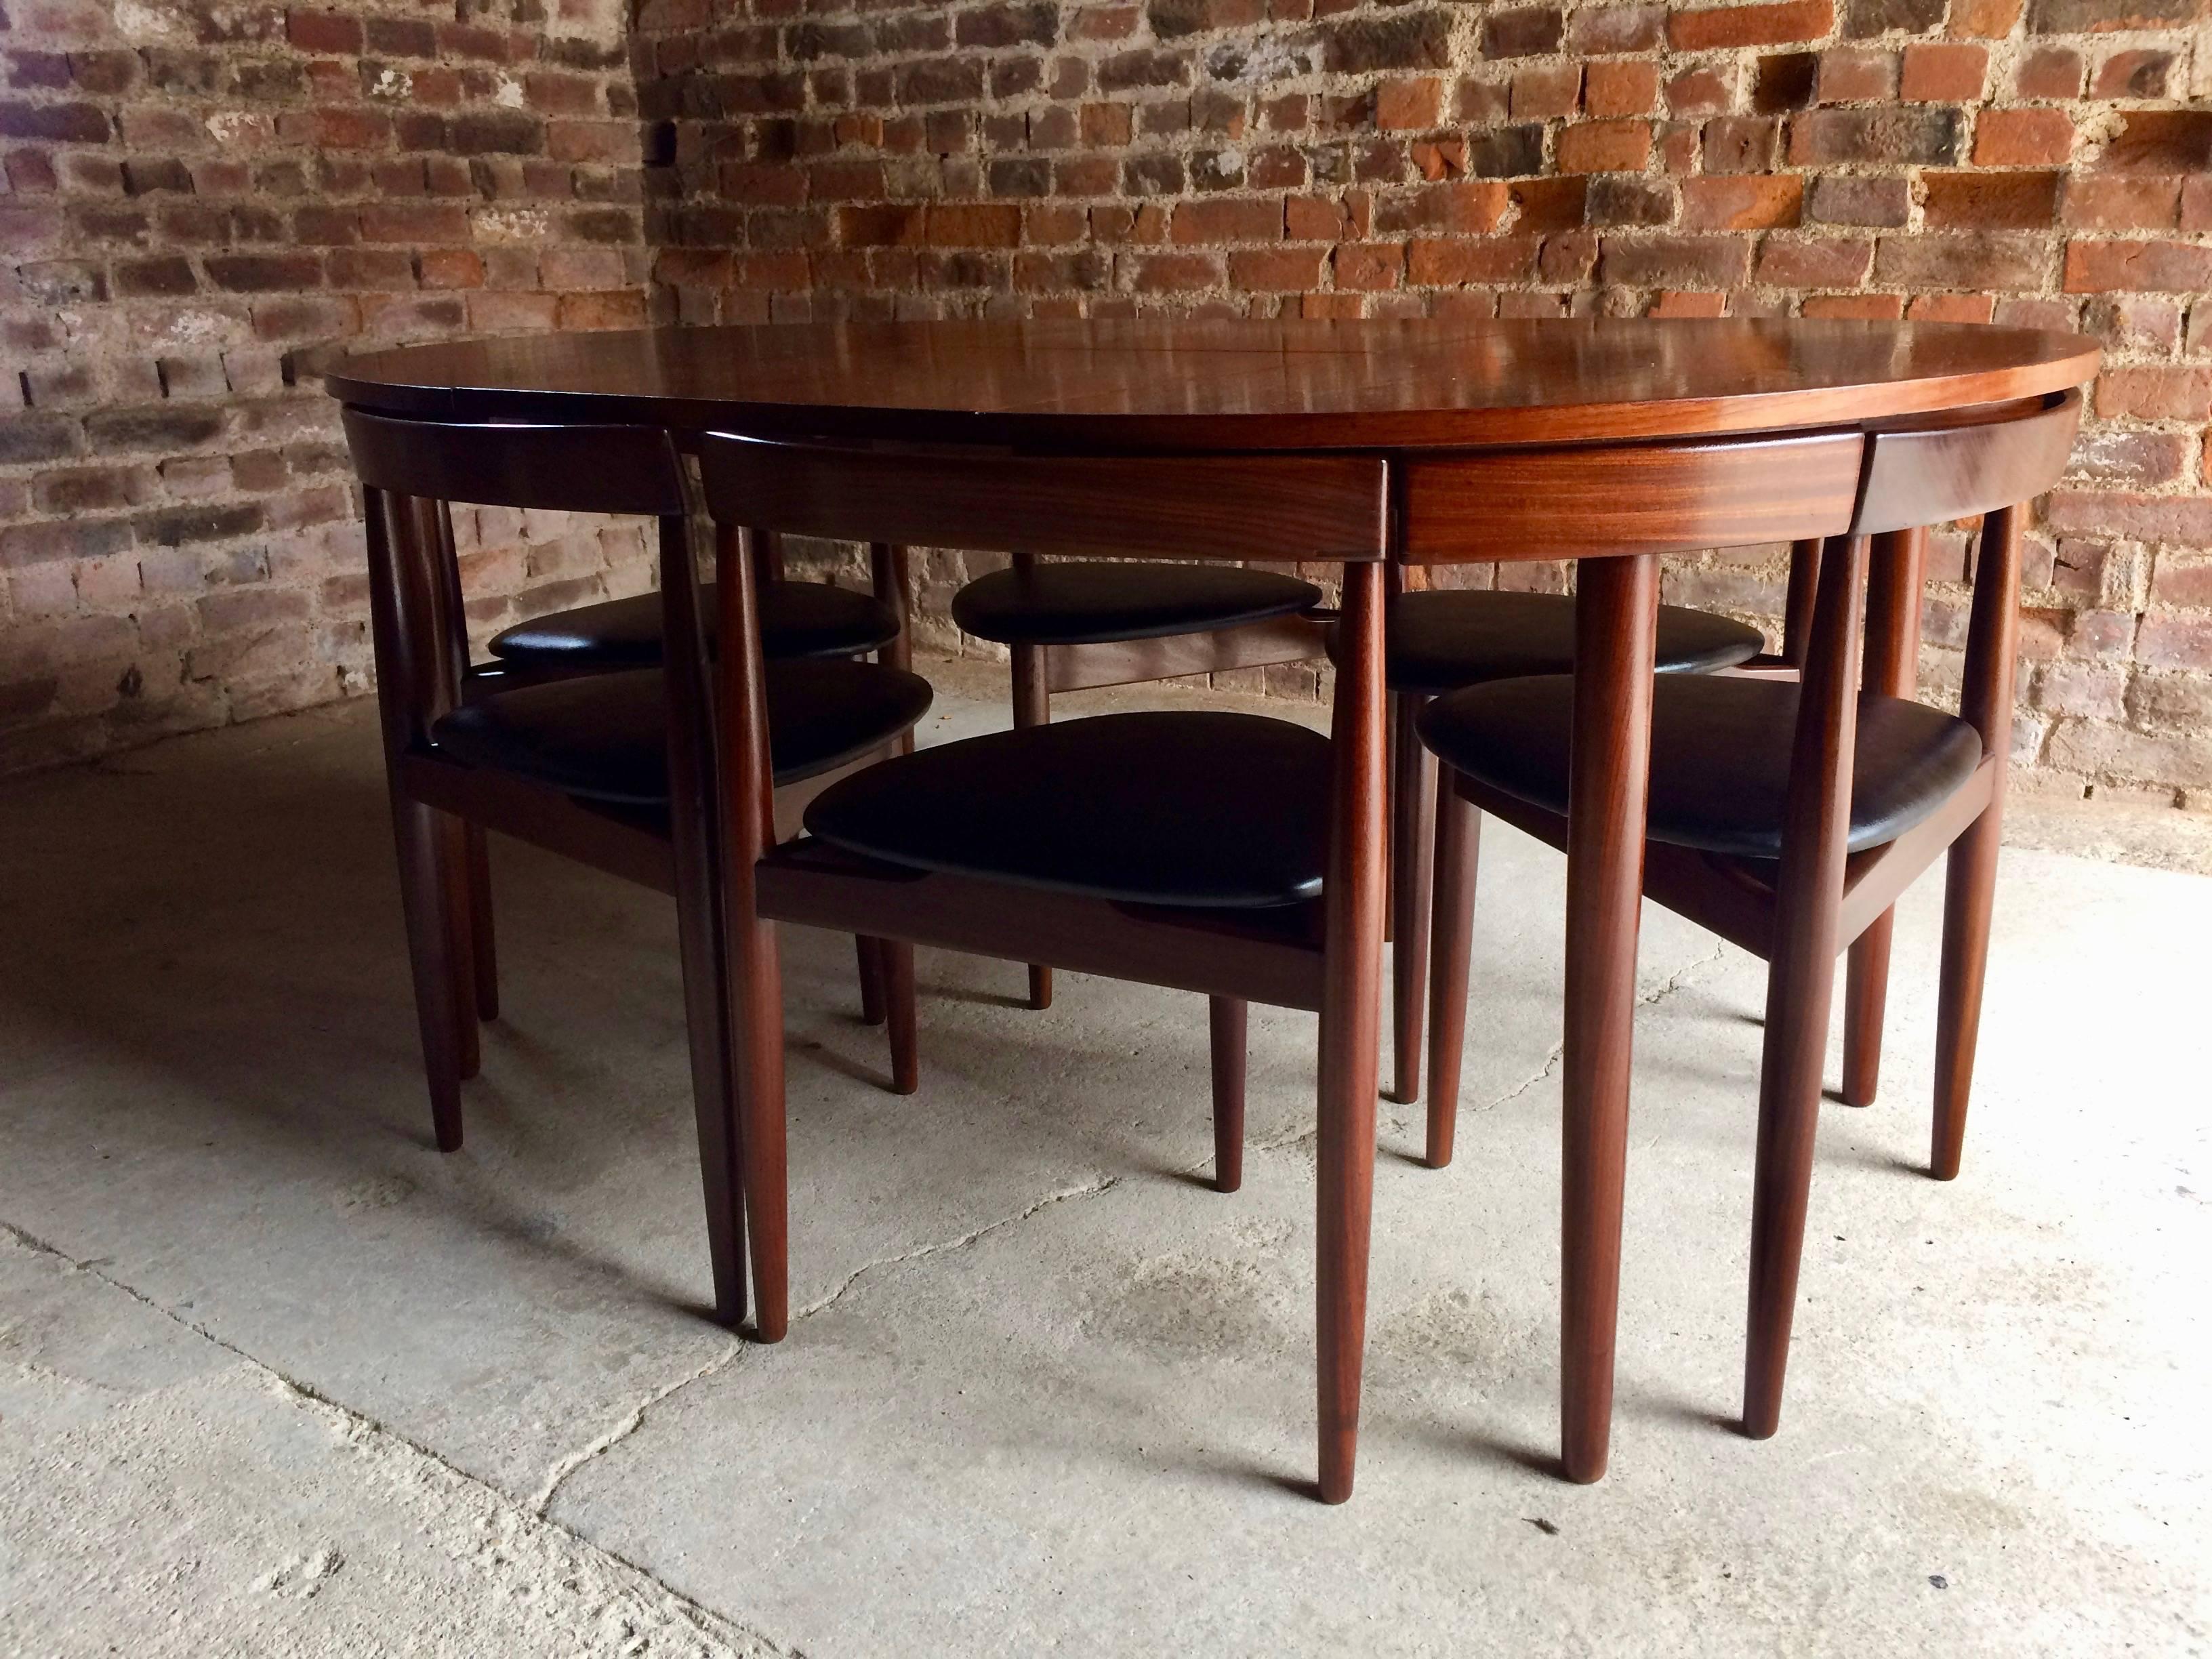 Scandinavian Modern Midcentury Dinette Dining Table Designed Hans Olsen By  Frem Rojl, Denmark, 1960s